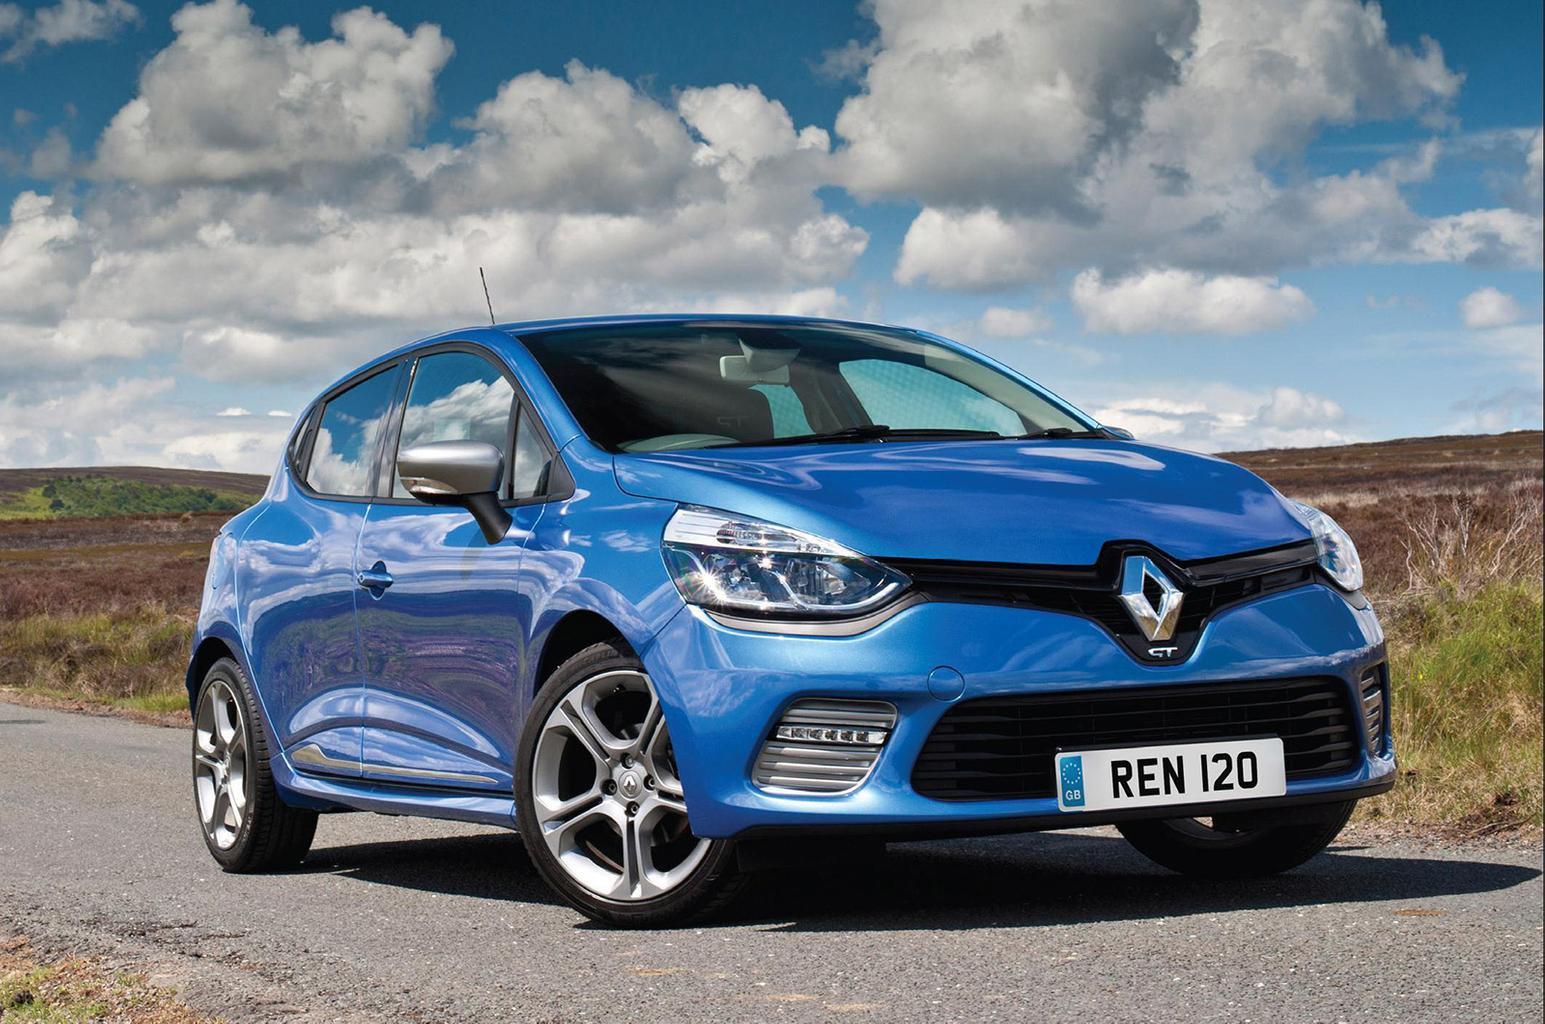 Renault Clio (petrol)